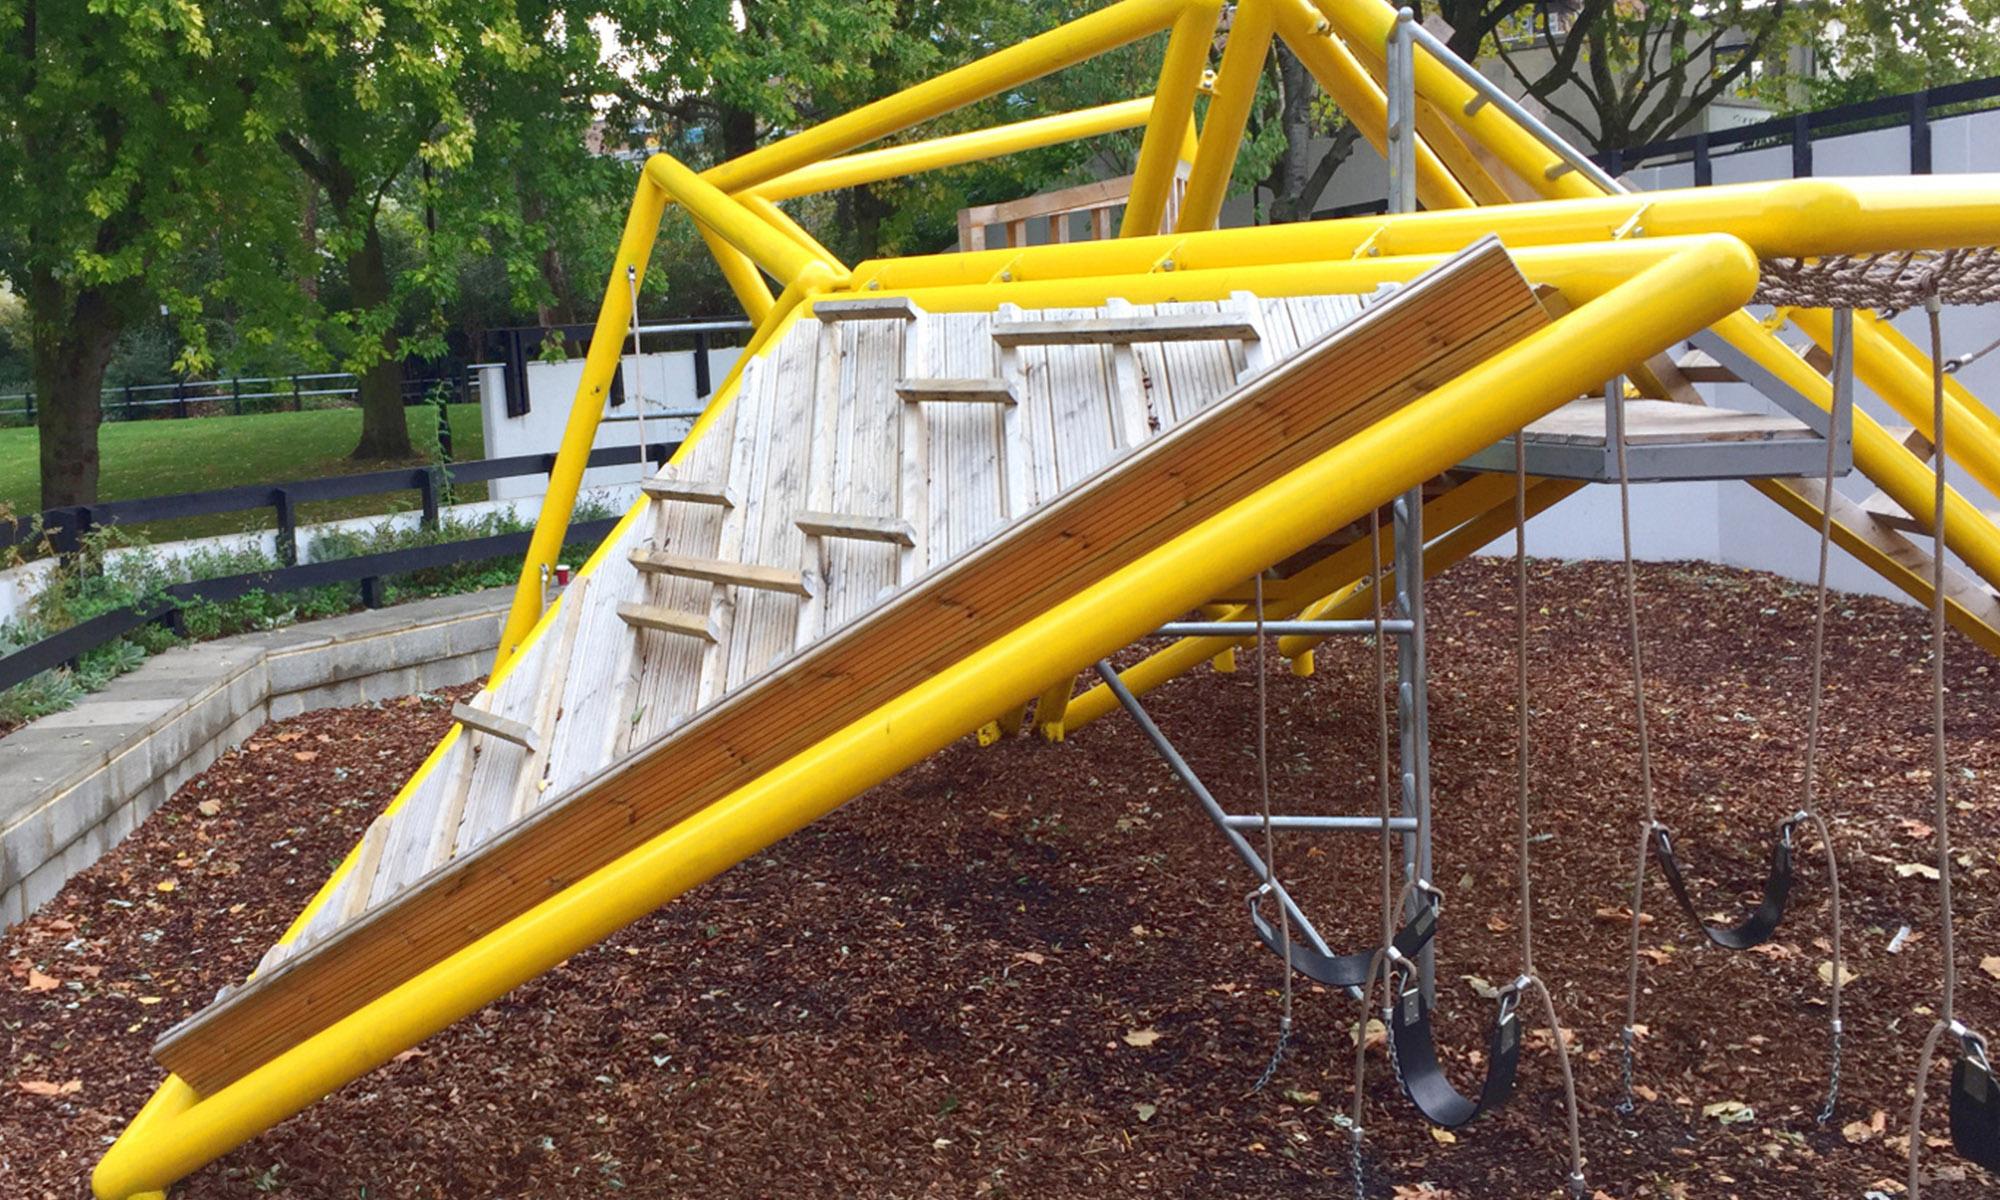 Award Winning Playground Equipment | Alexandra Road Park